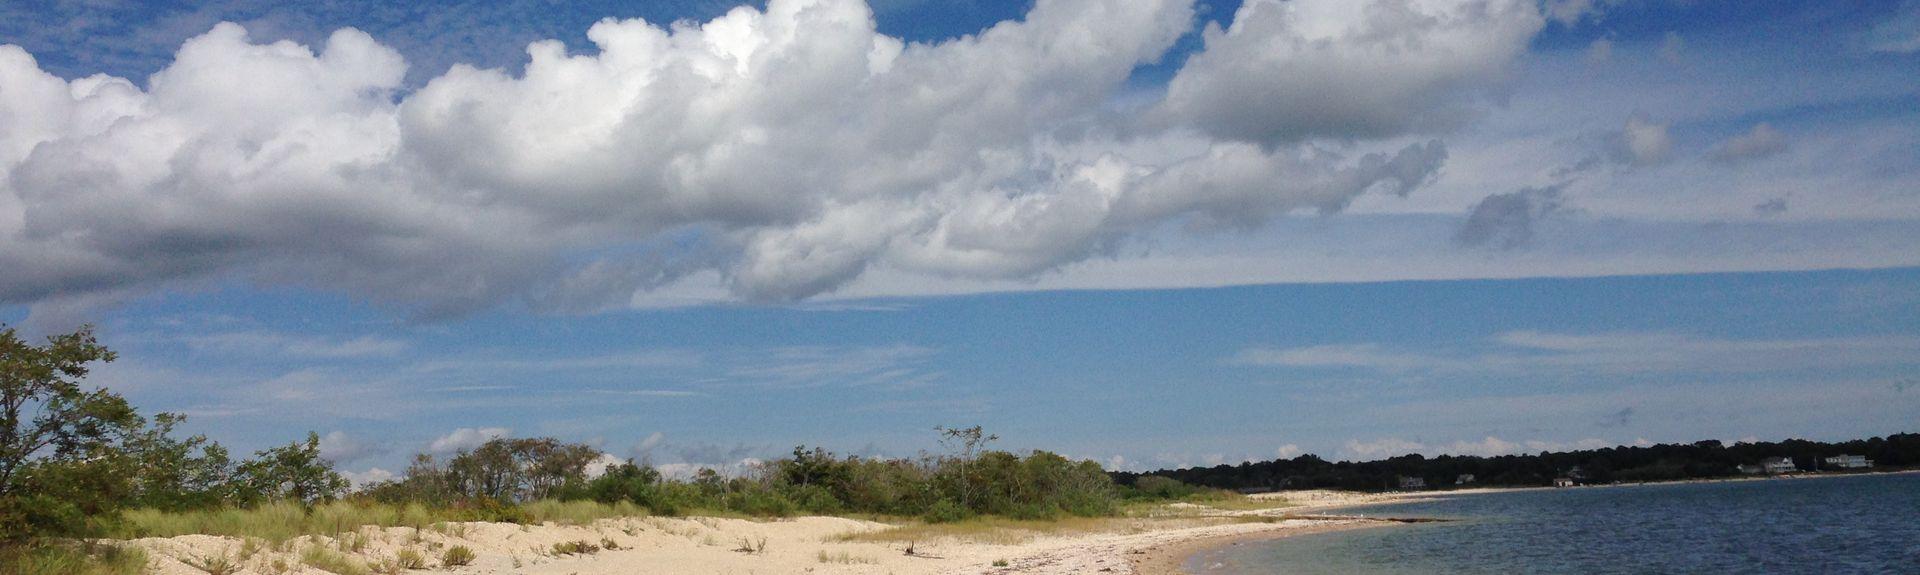 Meschutt Beach, Hampton Bays, NY, USA